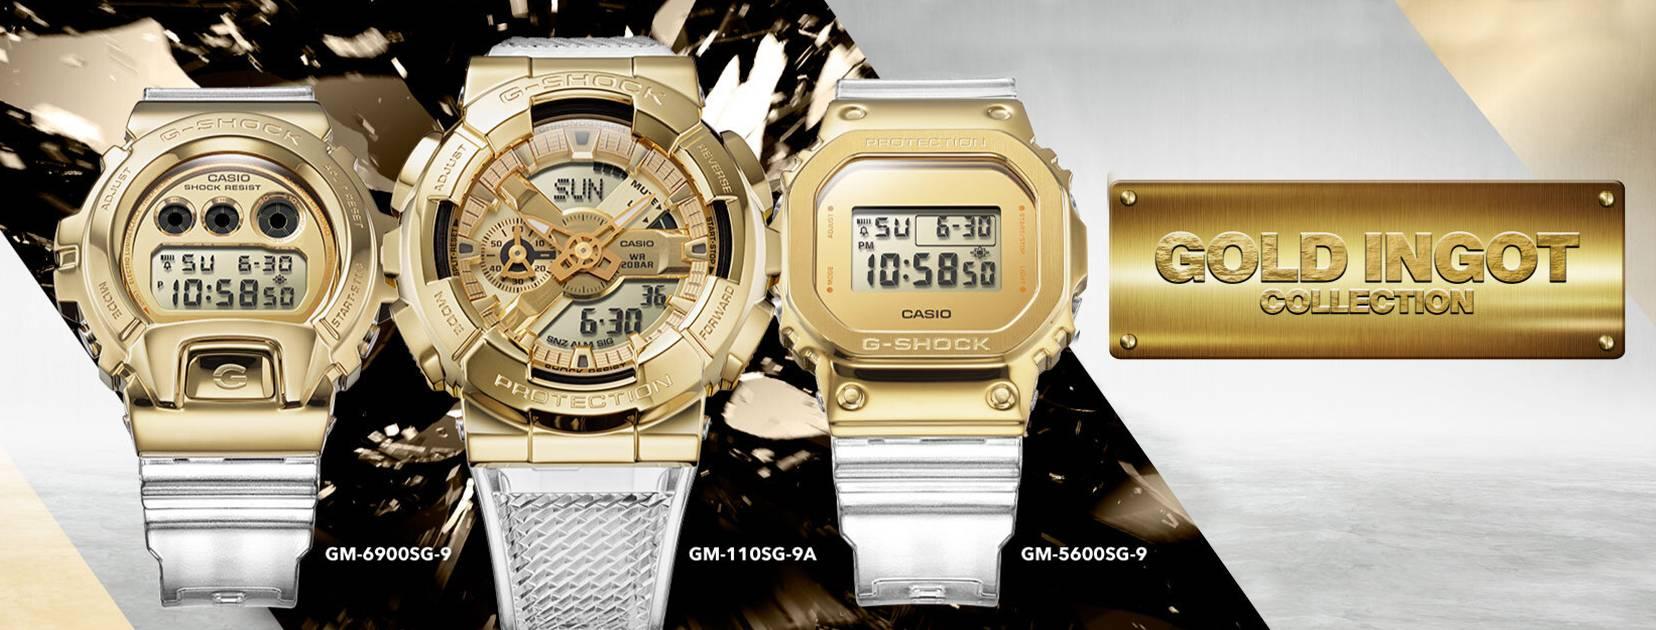 GM Gold Ingot